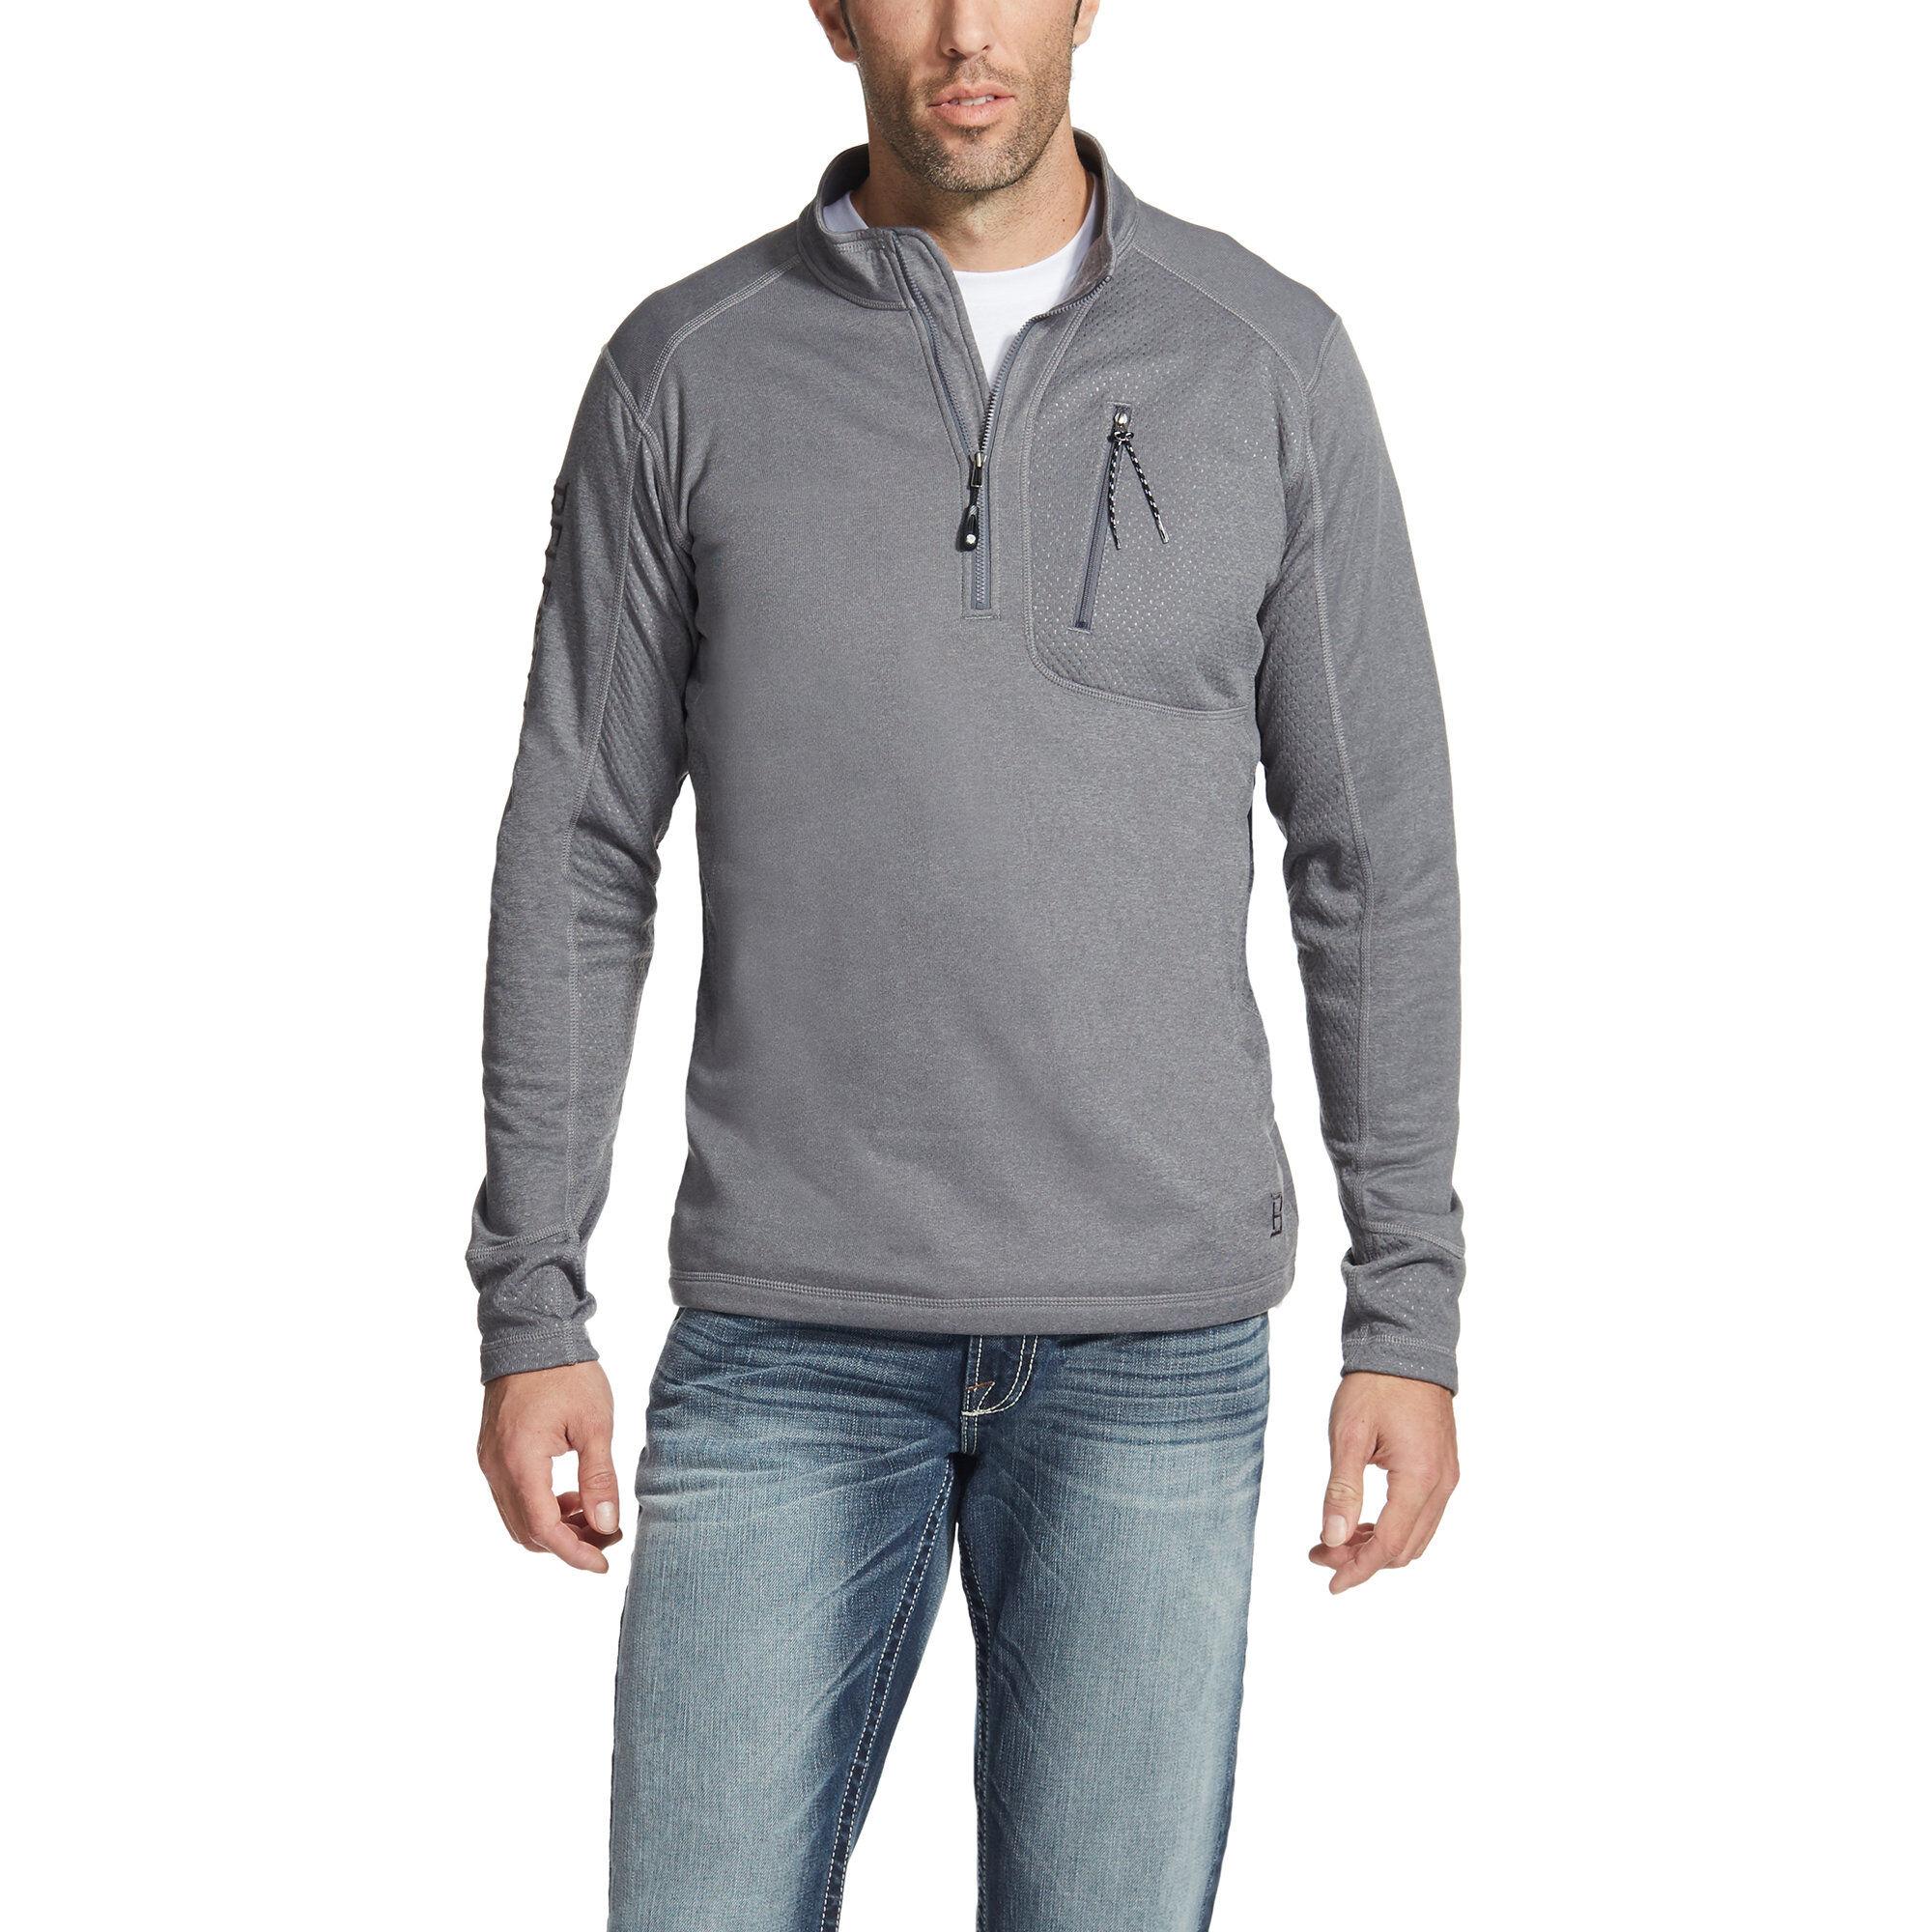 Relentless Motivation 1/4 Zip Sweatshirt